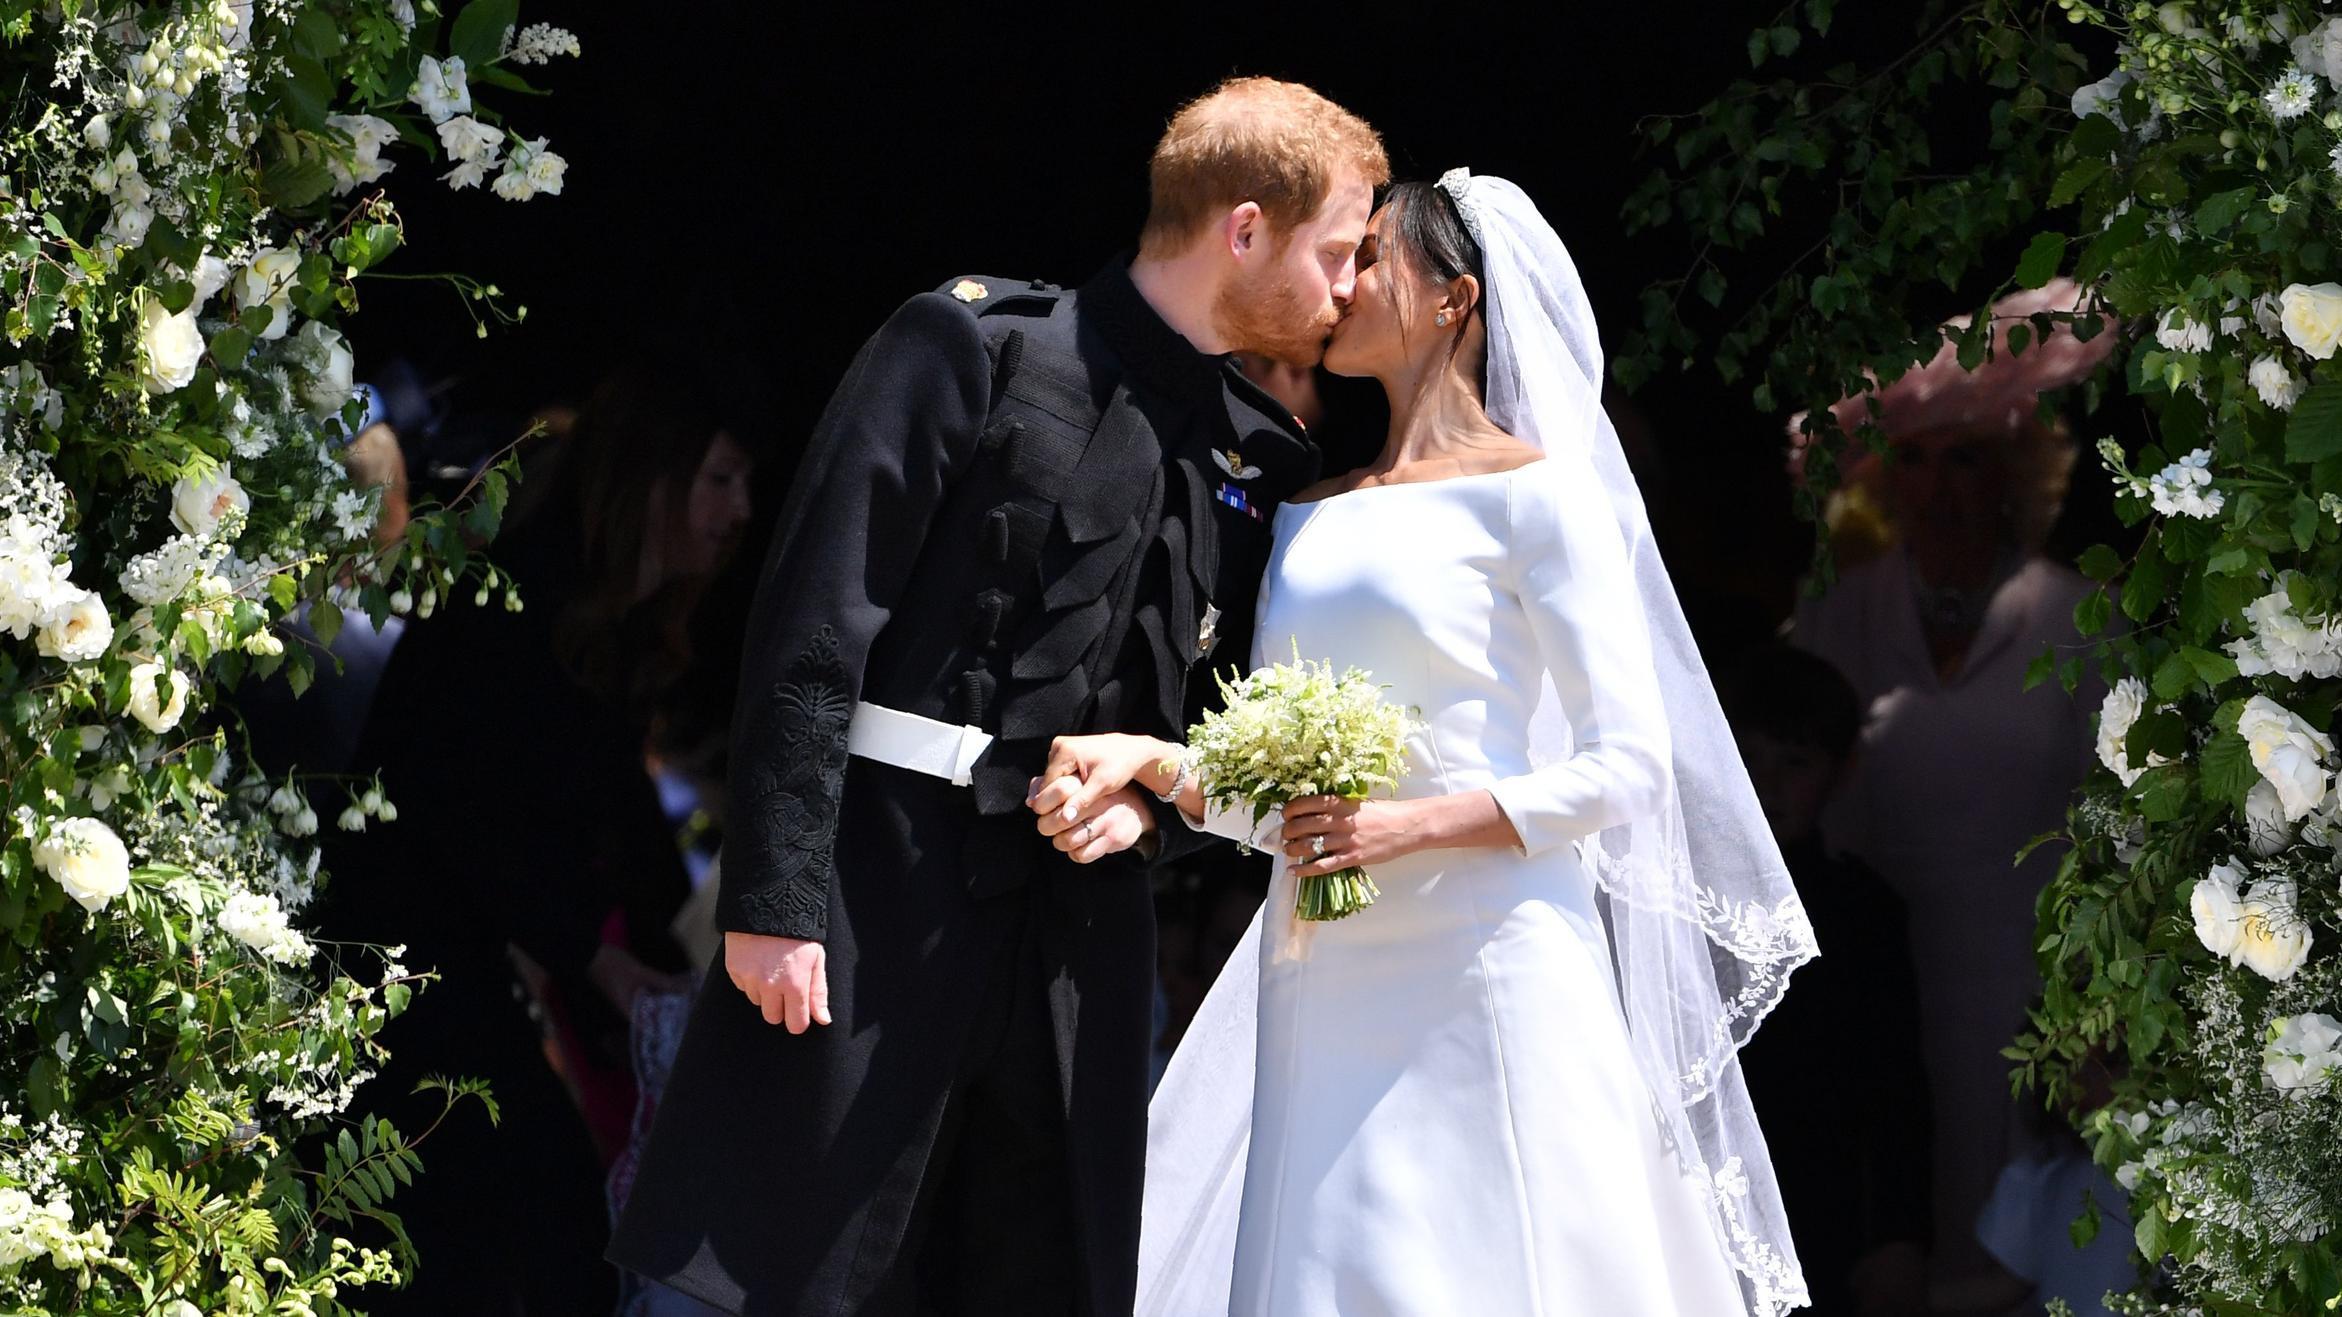 Übertragung Hochzeit Harry  Die royale Hochzeit von Prinz Harry und Meghan Markle im